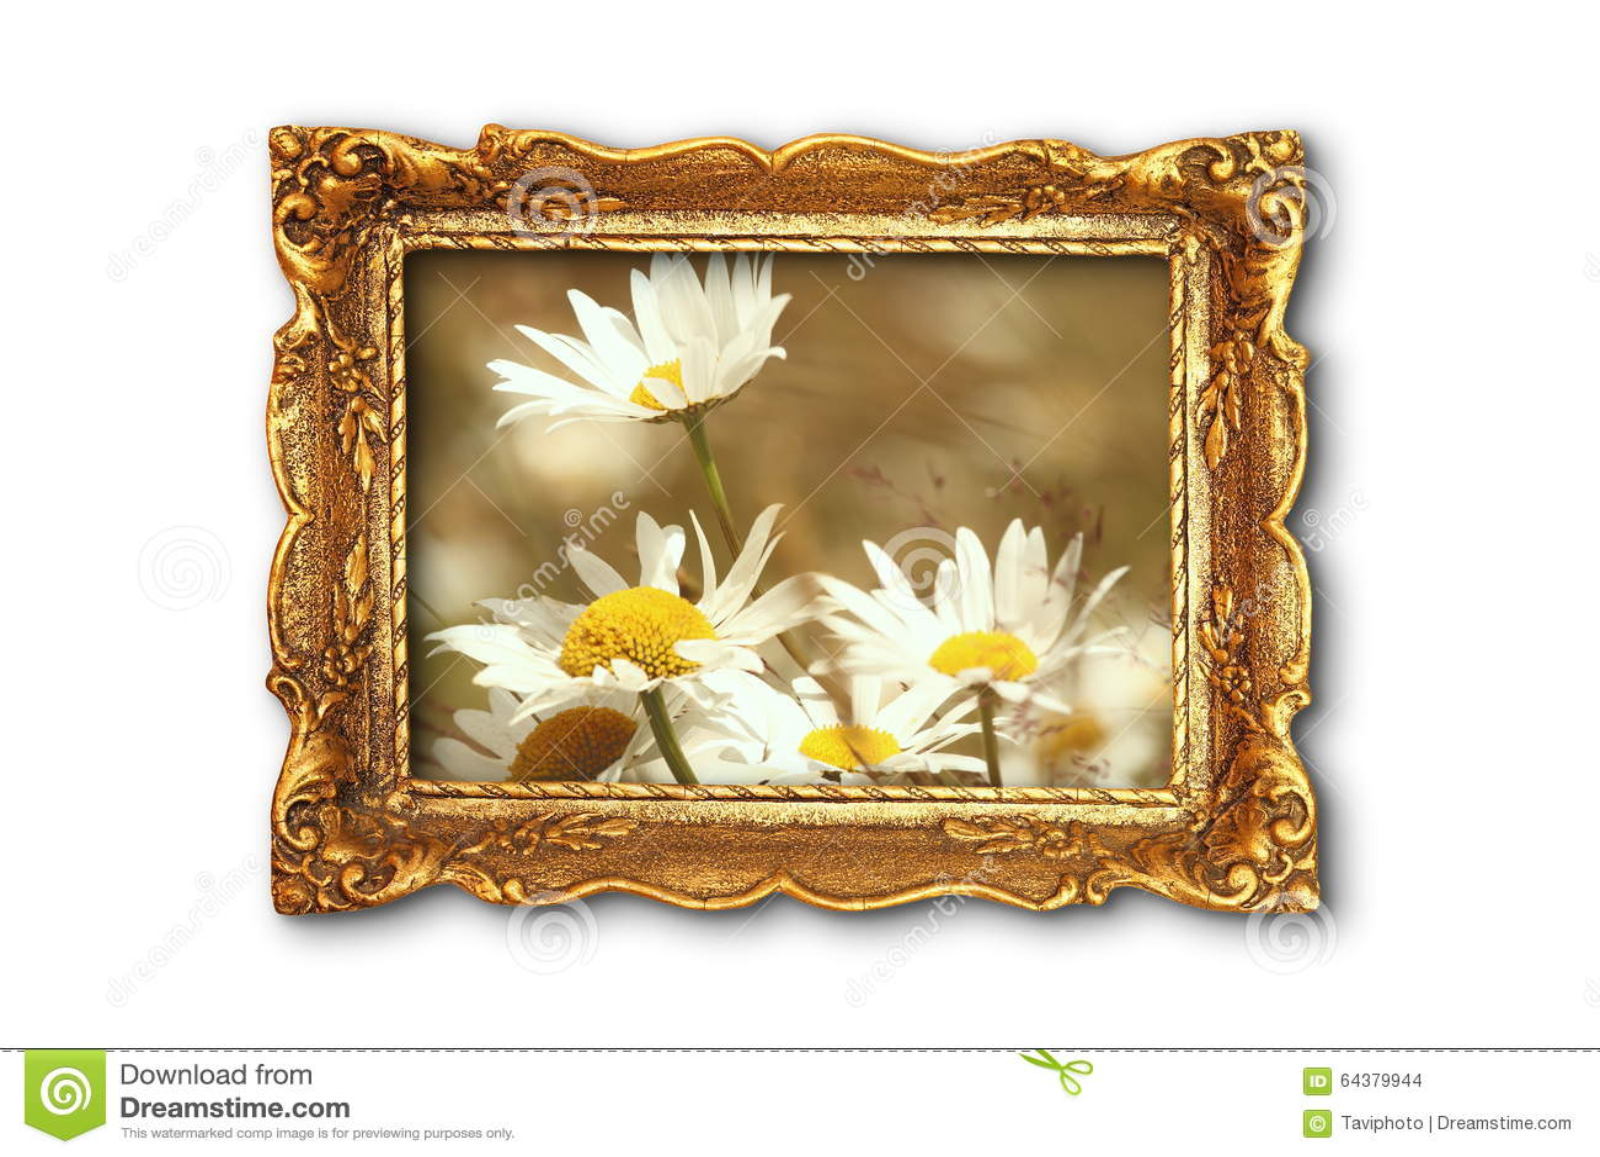 Schöne Gänseblümchen Im Alten Gemälderahmen Stockfoto - Bild von ...